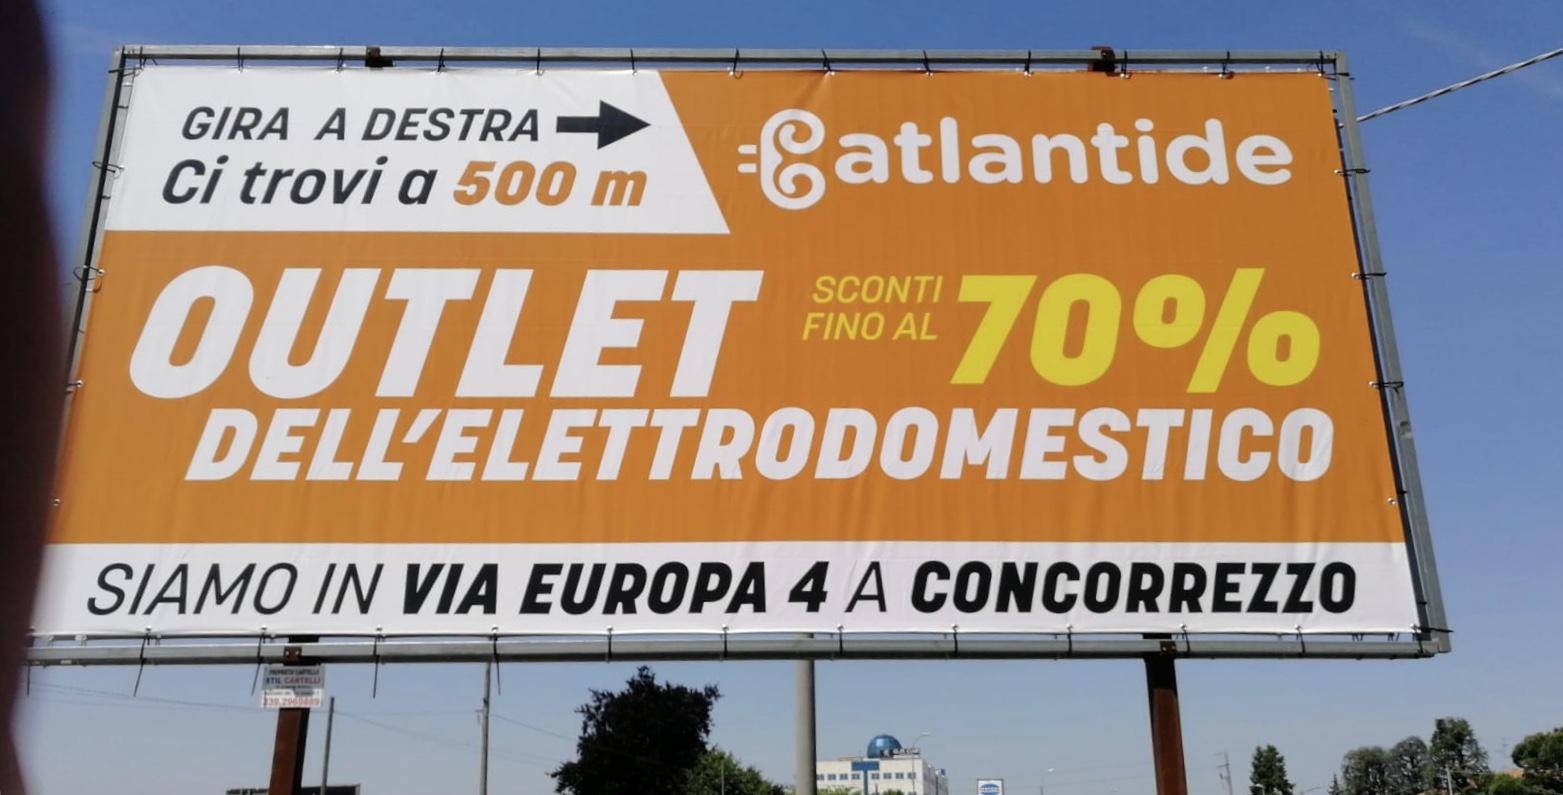 Outlet Elettrodomestici San Donato Milanese atlantide store - outlet del grande elettrodomestico